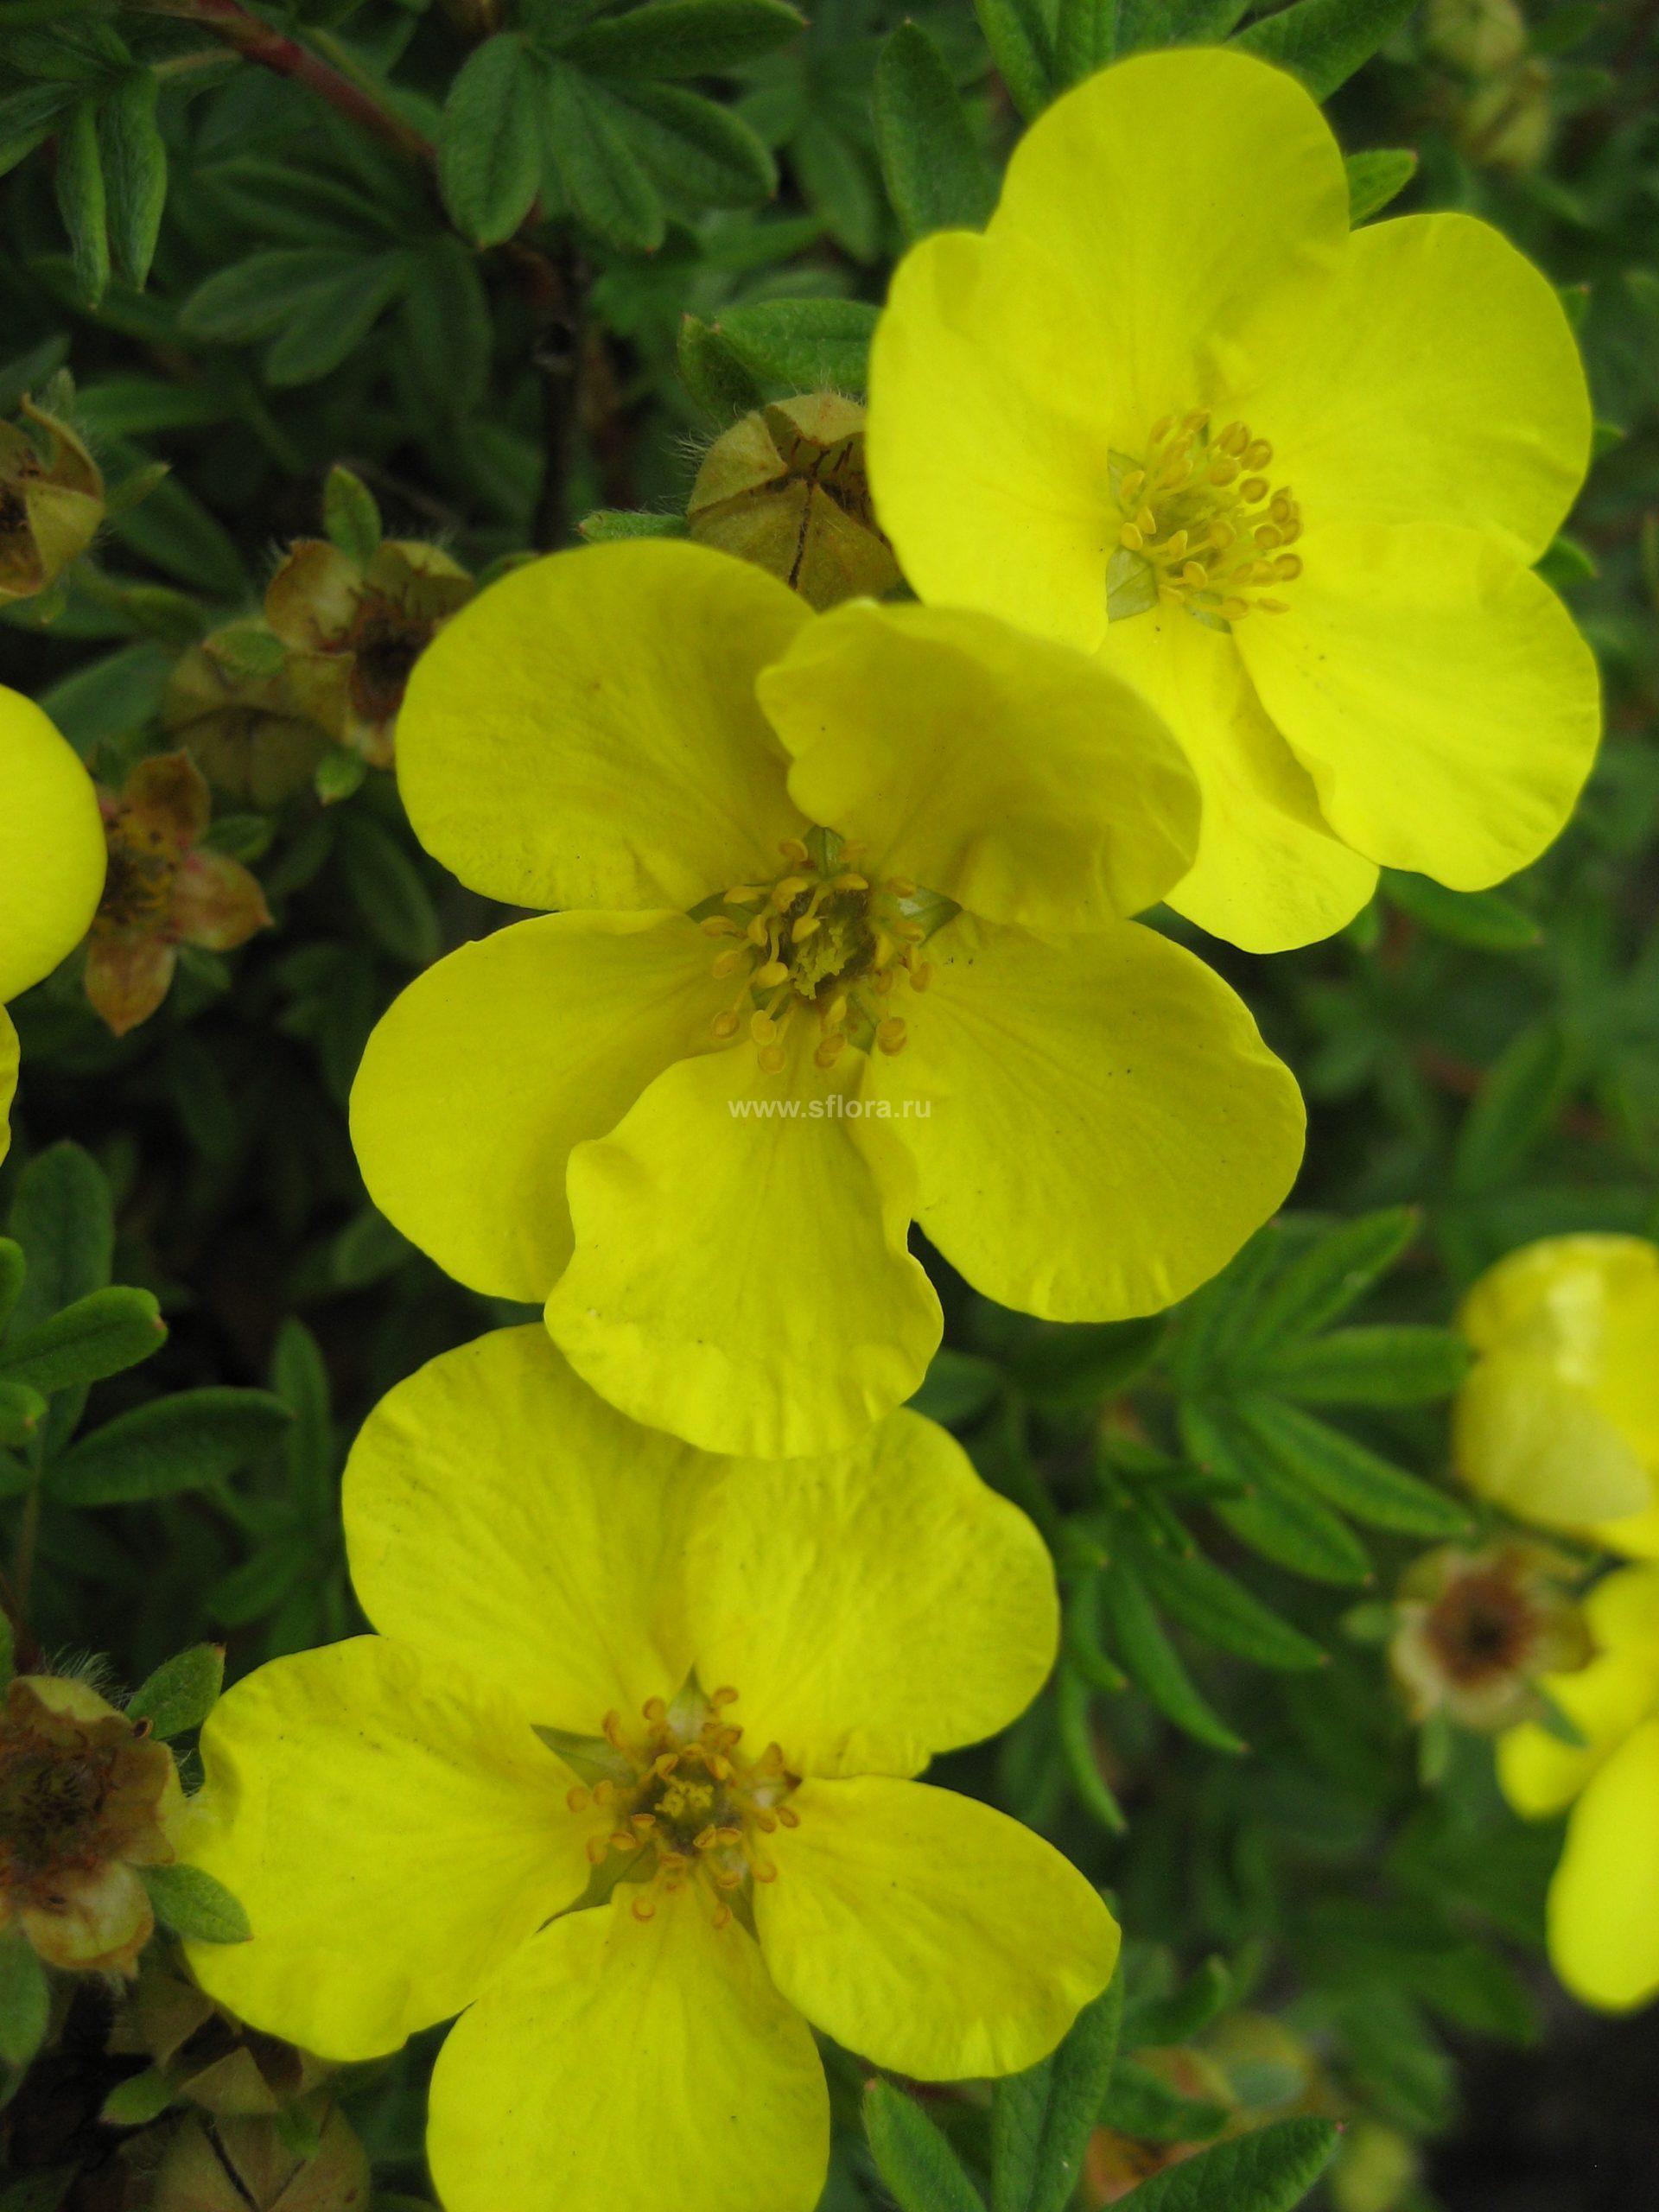 Травянистая лапчатка (43 фото): посадка и уход за многолетней лапчаткой, сорта и виды с описанием